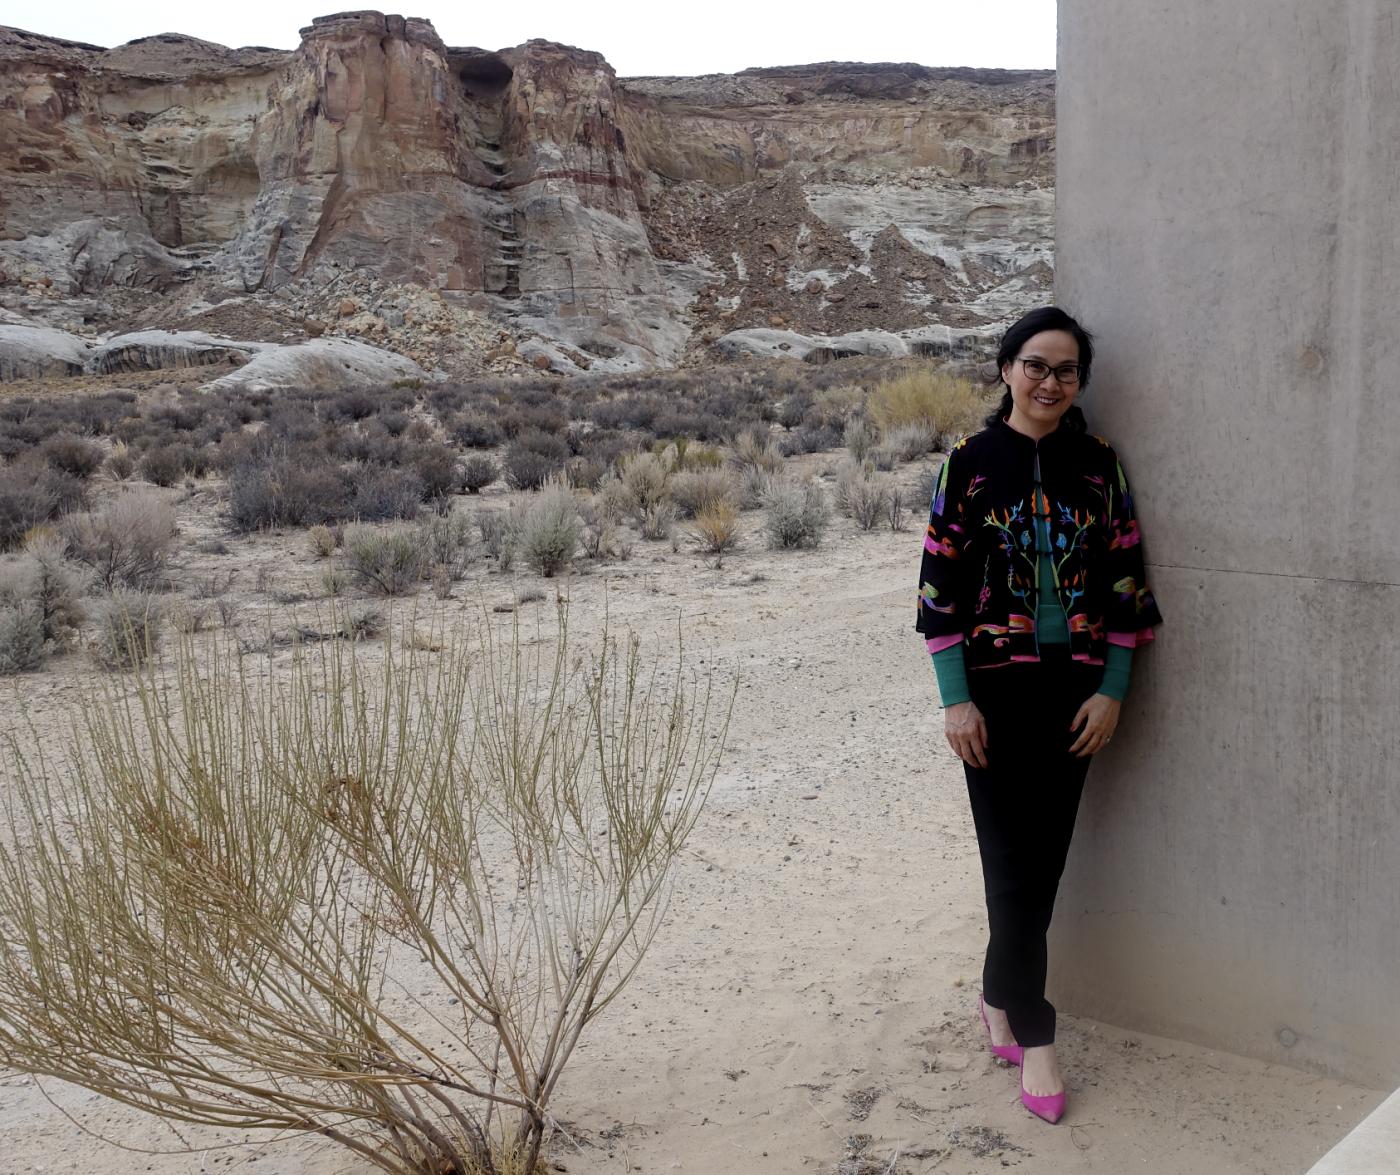 在渺无人烟的大沙漠中如何自得其乐_图1-32